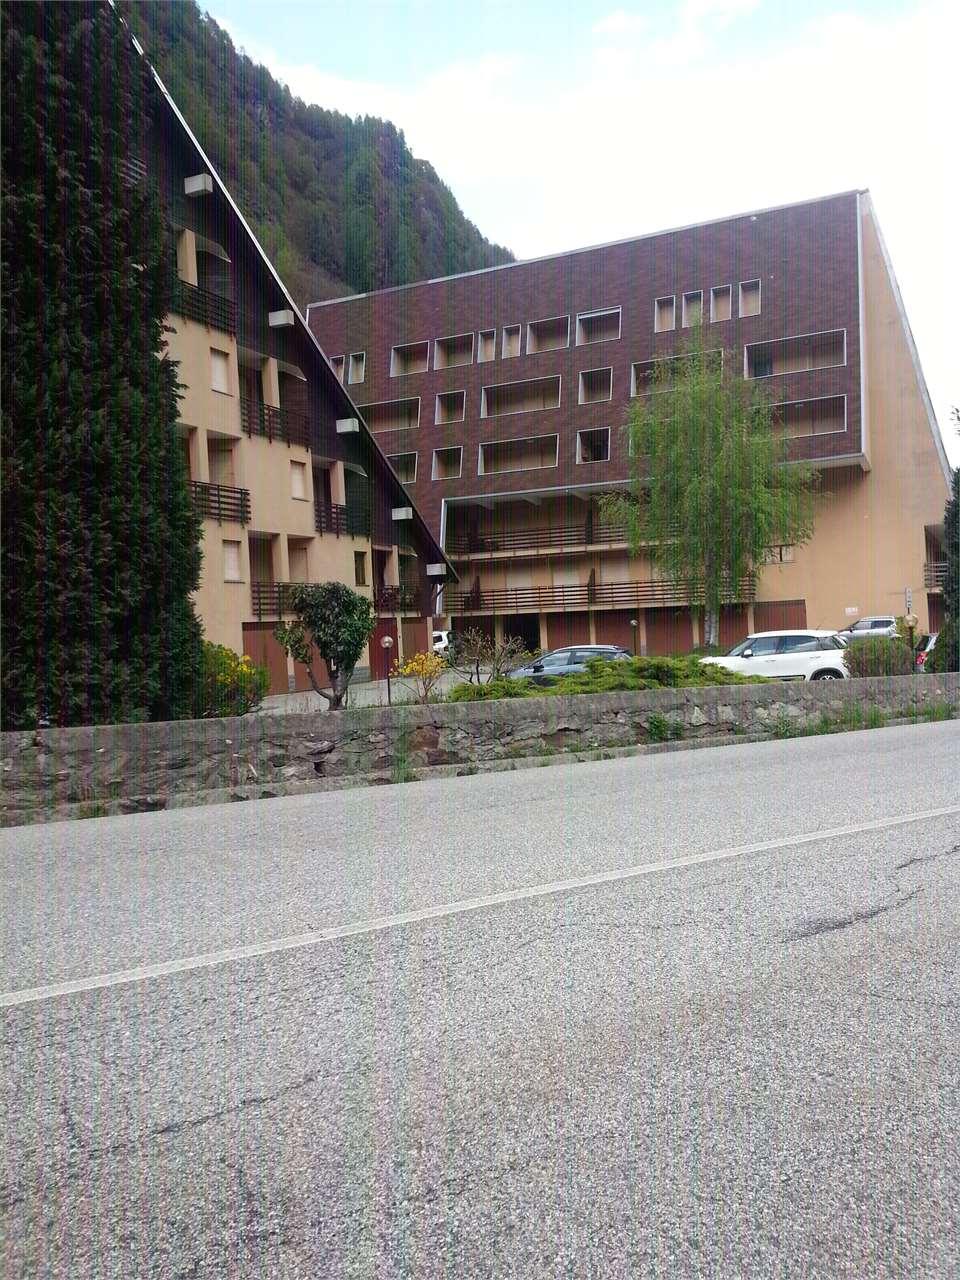 Appartamento in vendita a Scopello, 3 locali, prezzo € 77.000 | CambioCasa.it